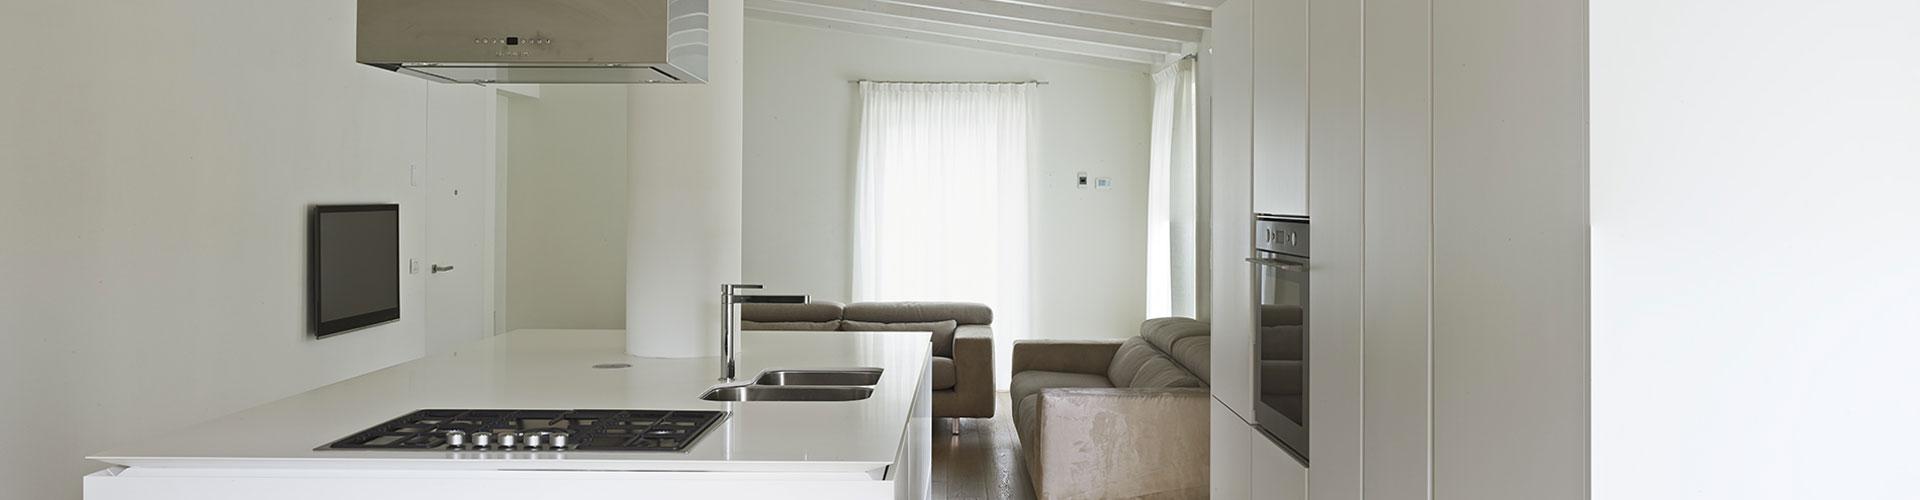 Ristrutturazione villa storica Milano Progettazione interni design